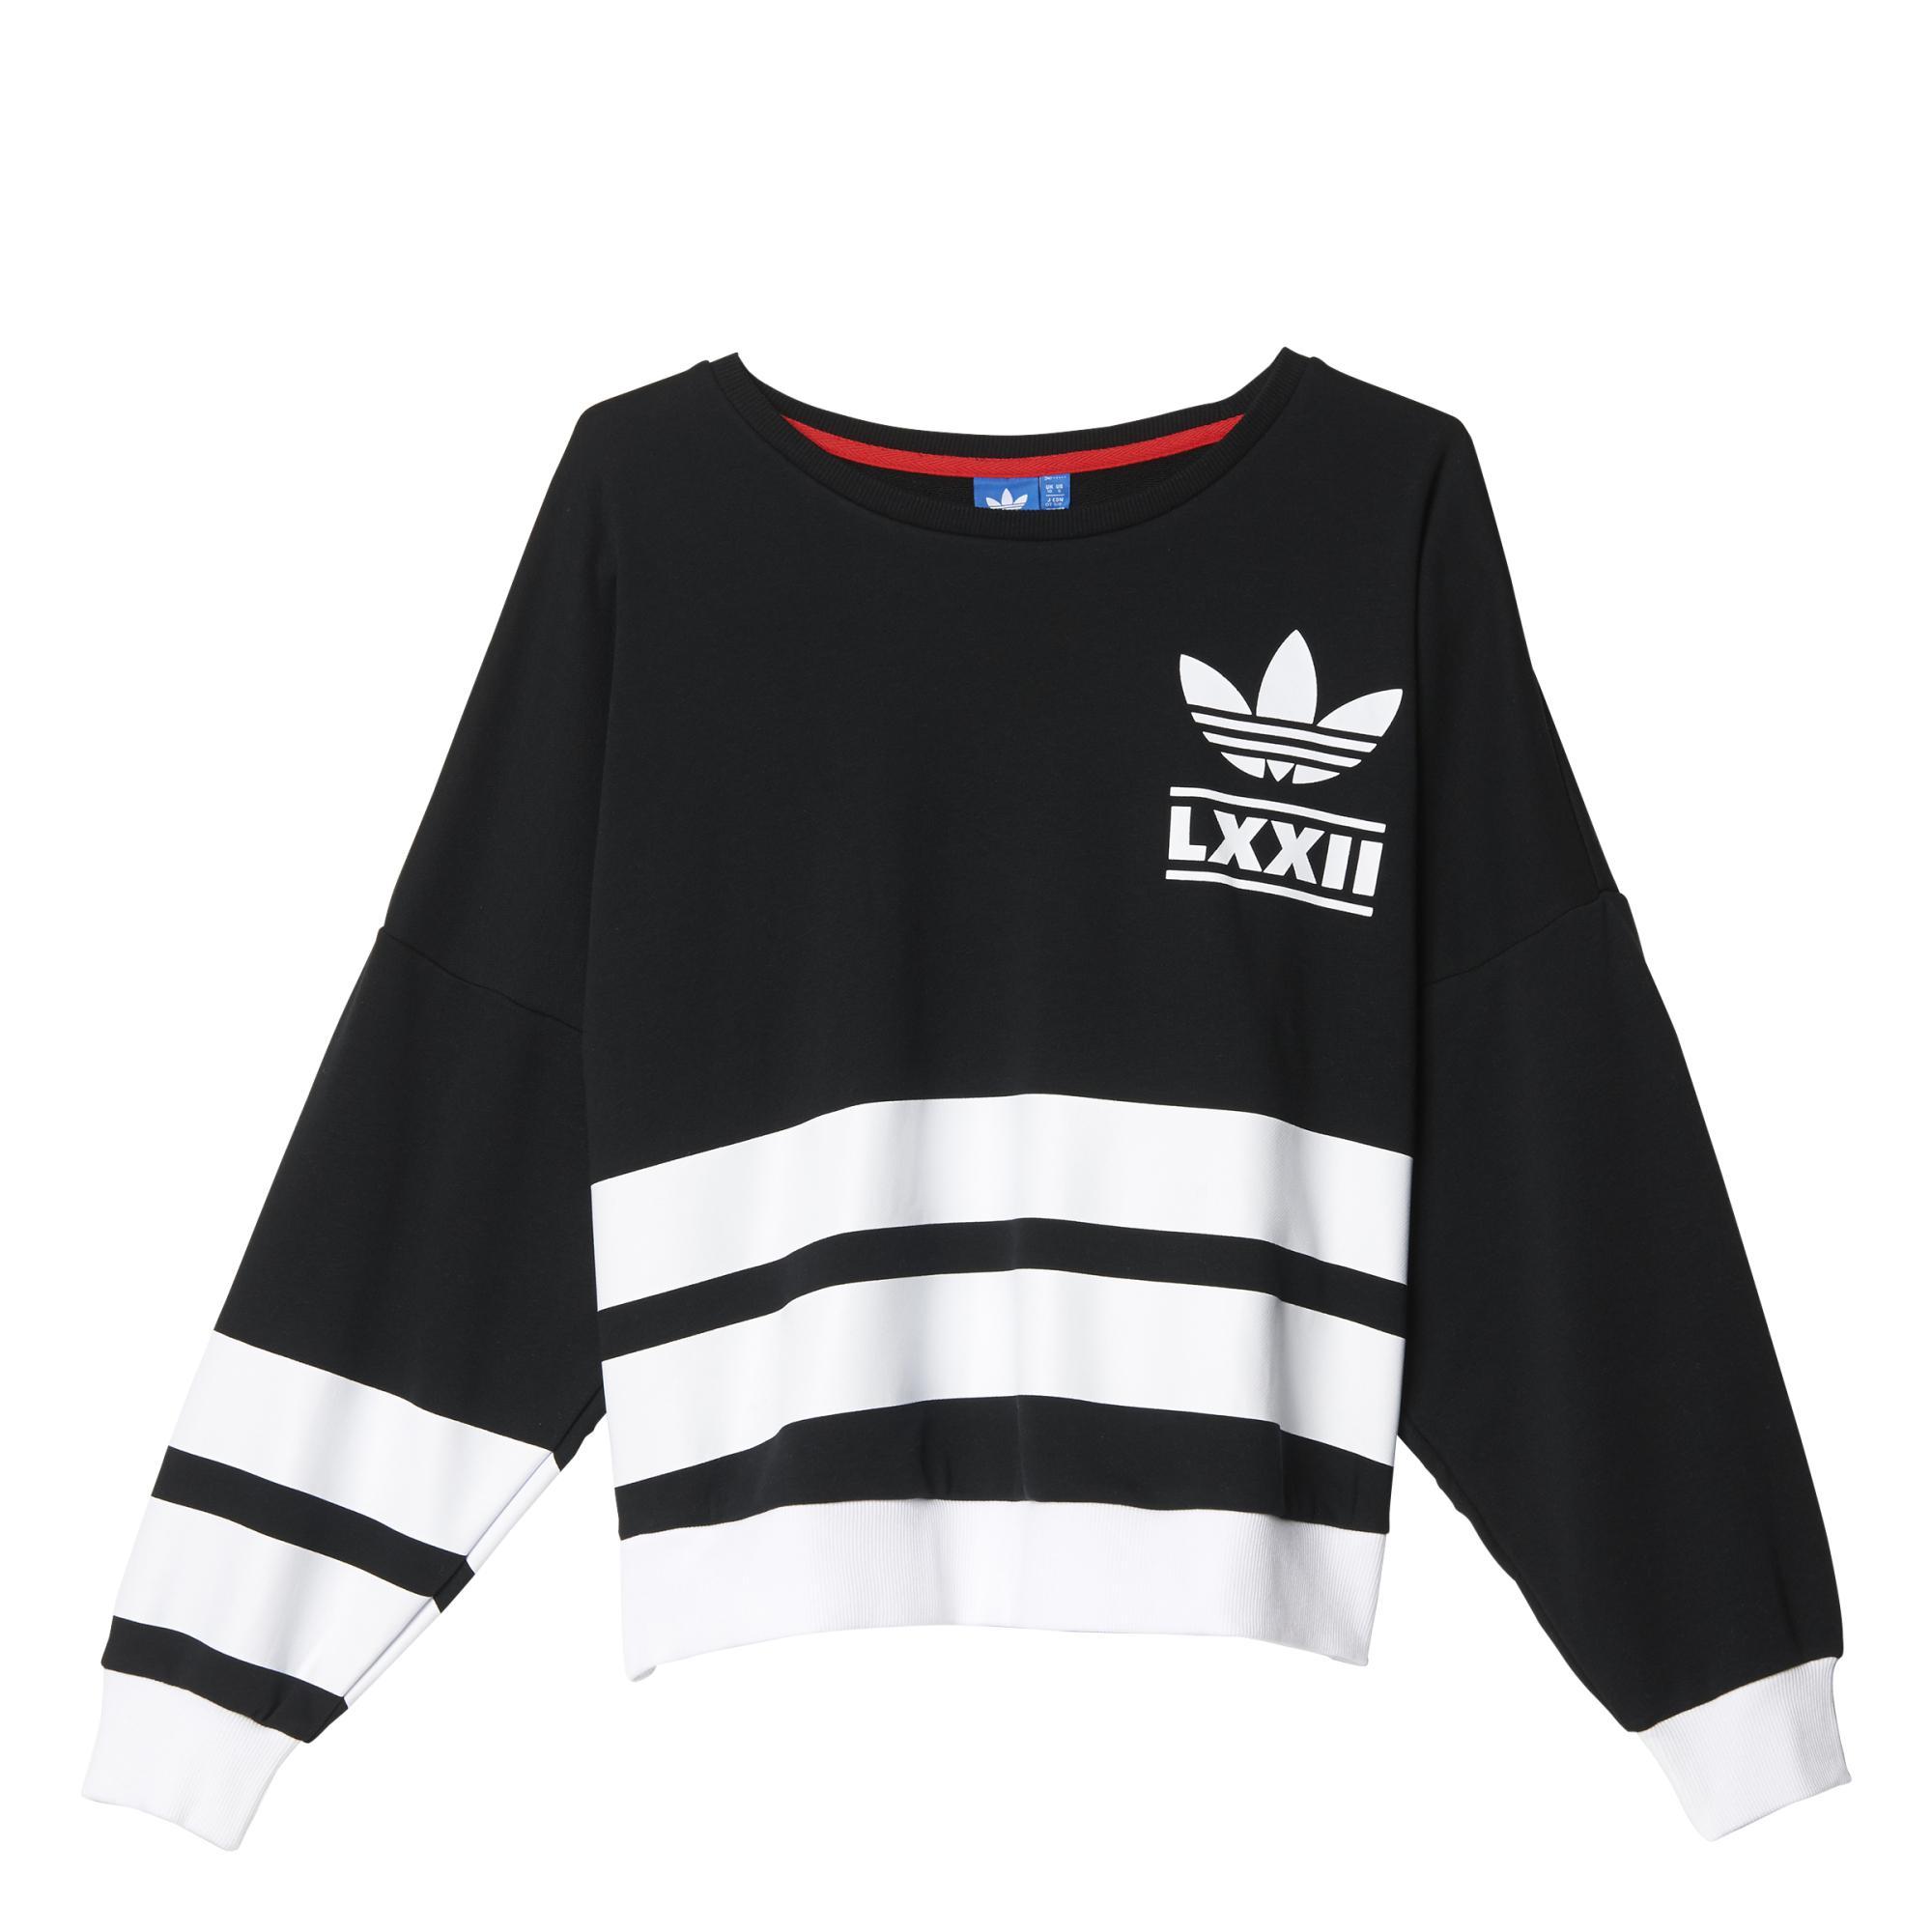 Originals Berlin Mujer Stripes 3 Adidas Logo Sudadera 04Bx77 e8016185fb4